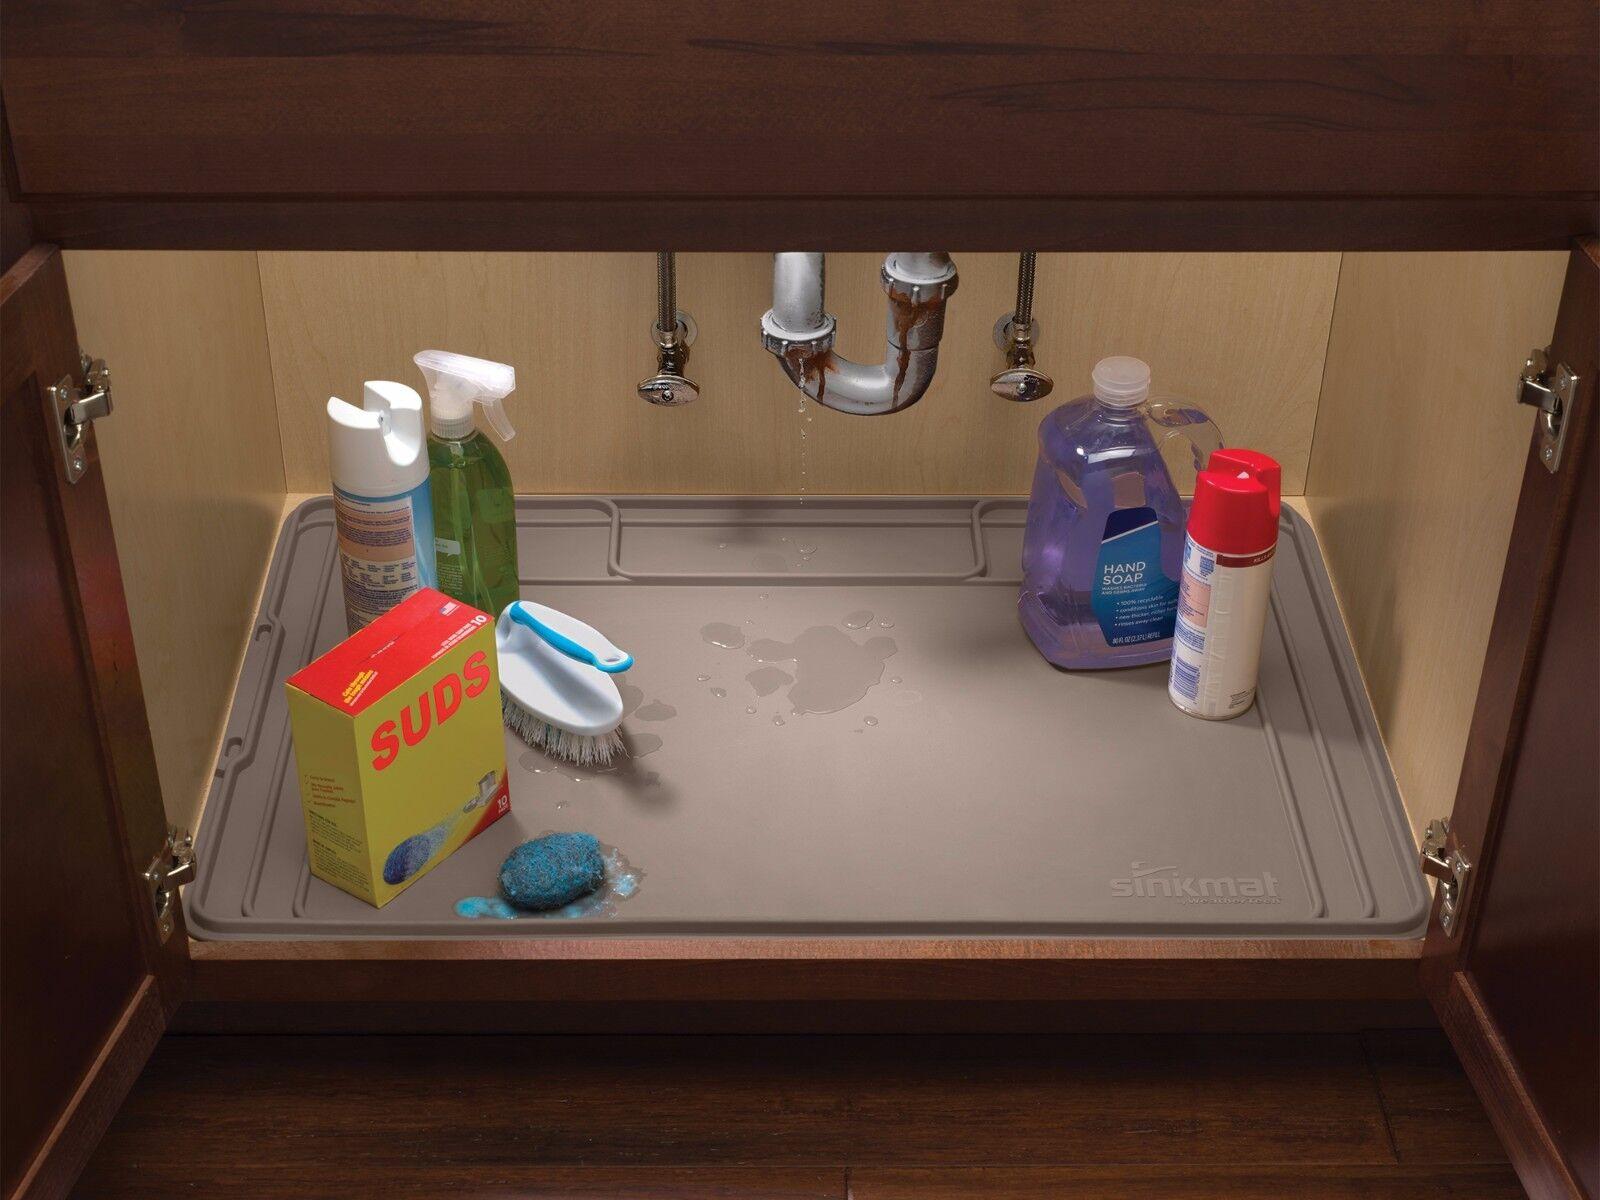 WeatherTech SinkMat - Spill-Proof Under Sink Mat - Holds 1 Gallon - USA